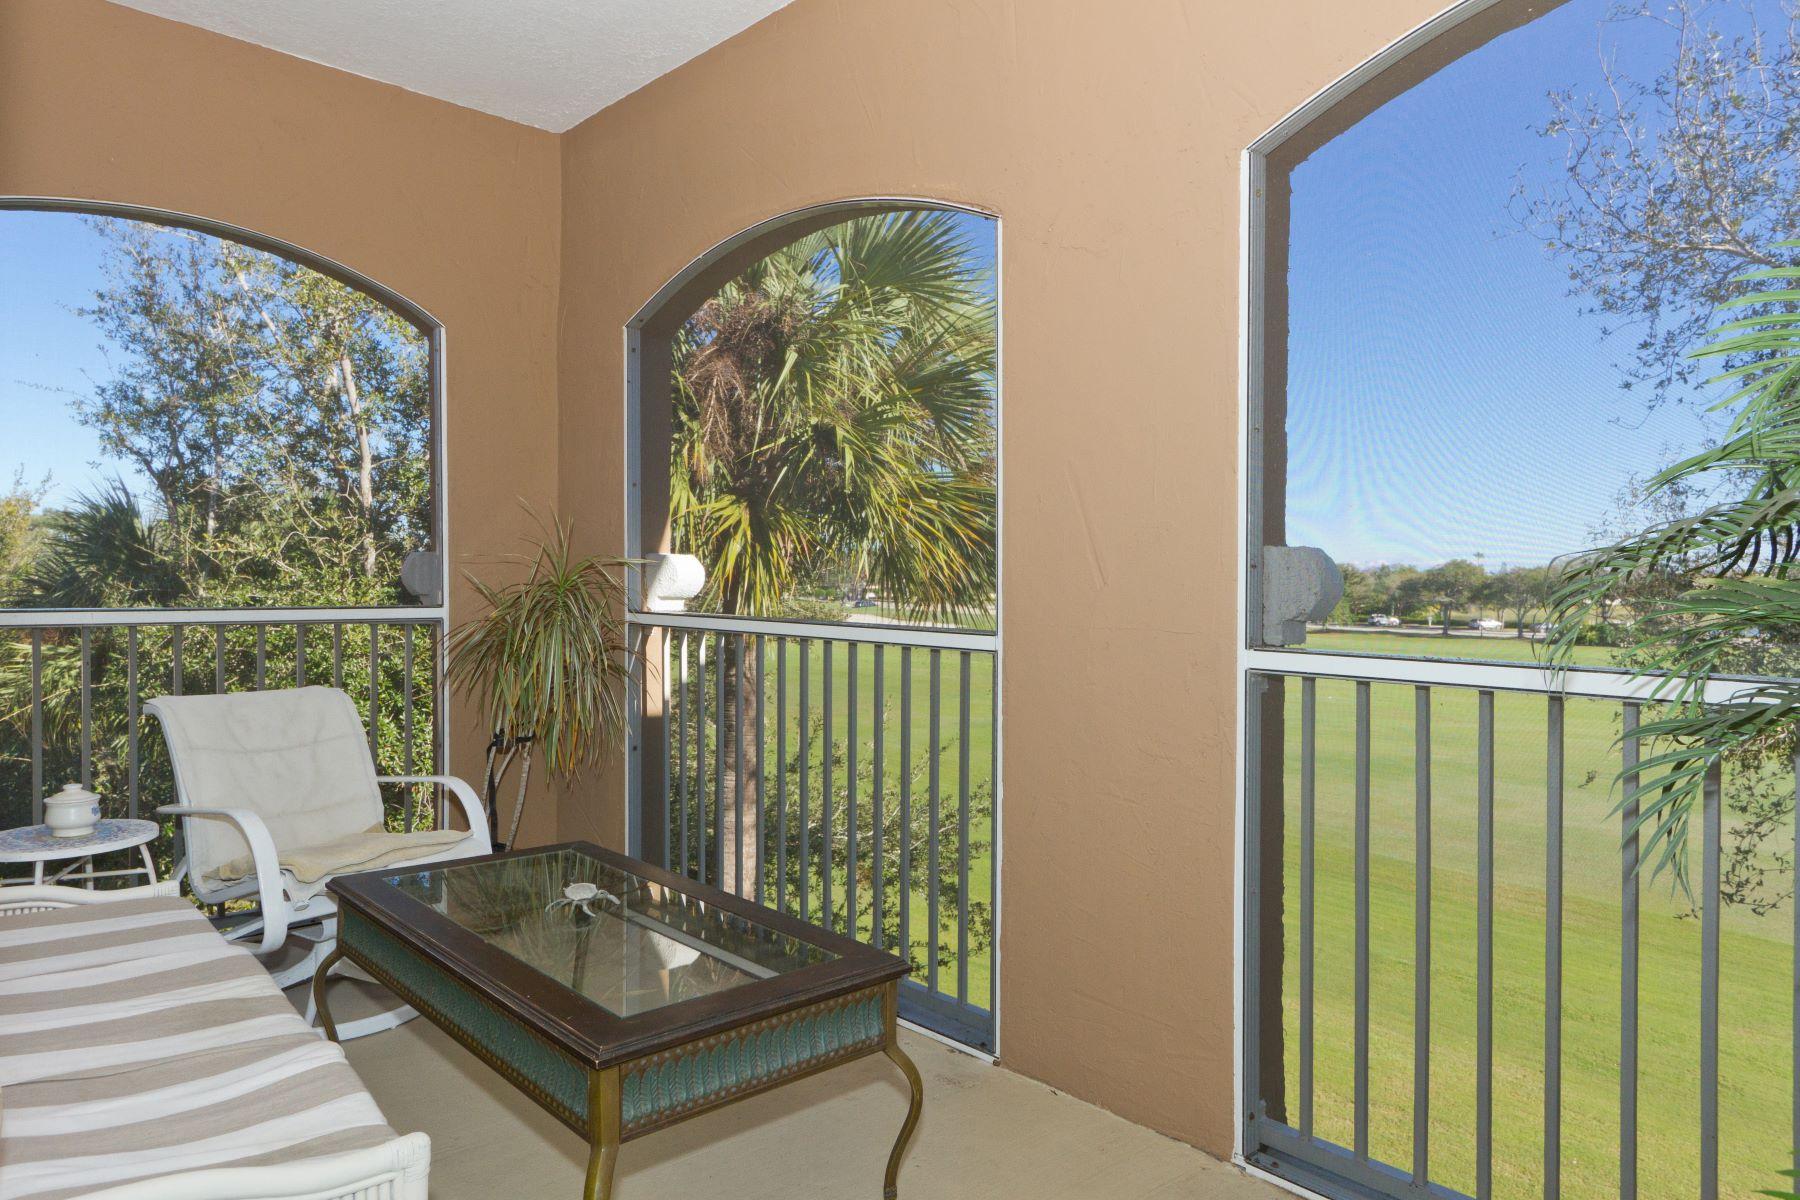 Third Floor Condo with Breezy Screened Porch! 5025 Fairways Circle B303 Vero Beach, Florida 32967 Stati Uniti